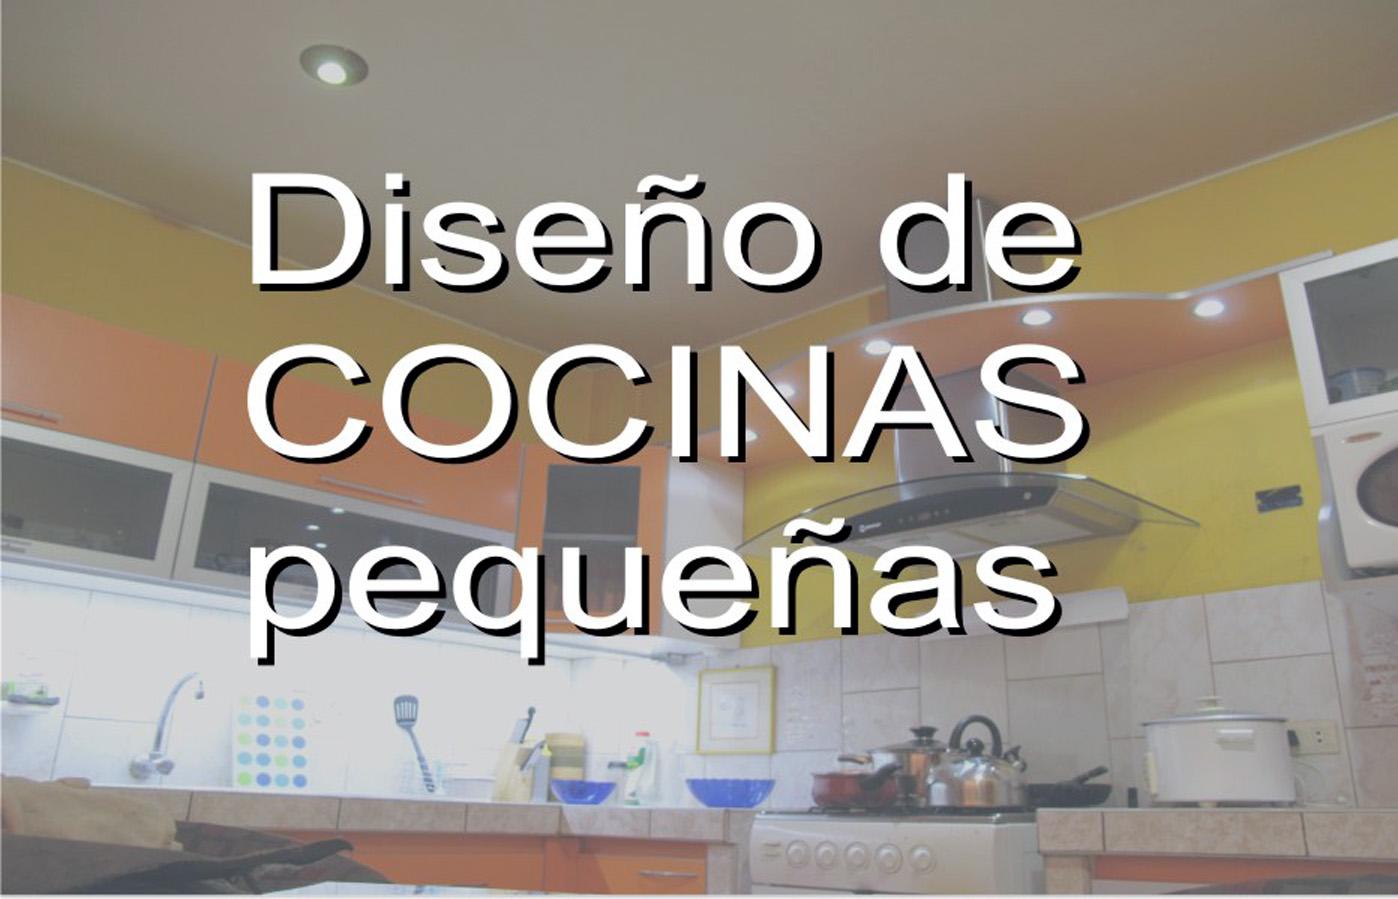 Diseno de cocinas peque as for Diseno para cocina comedor